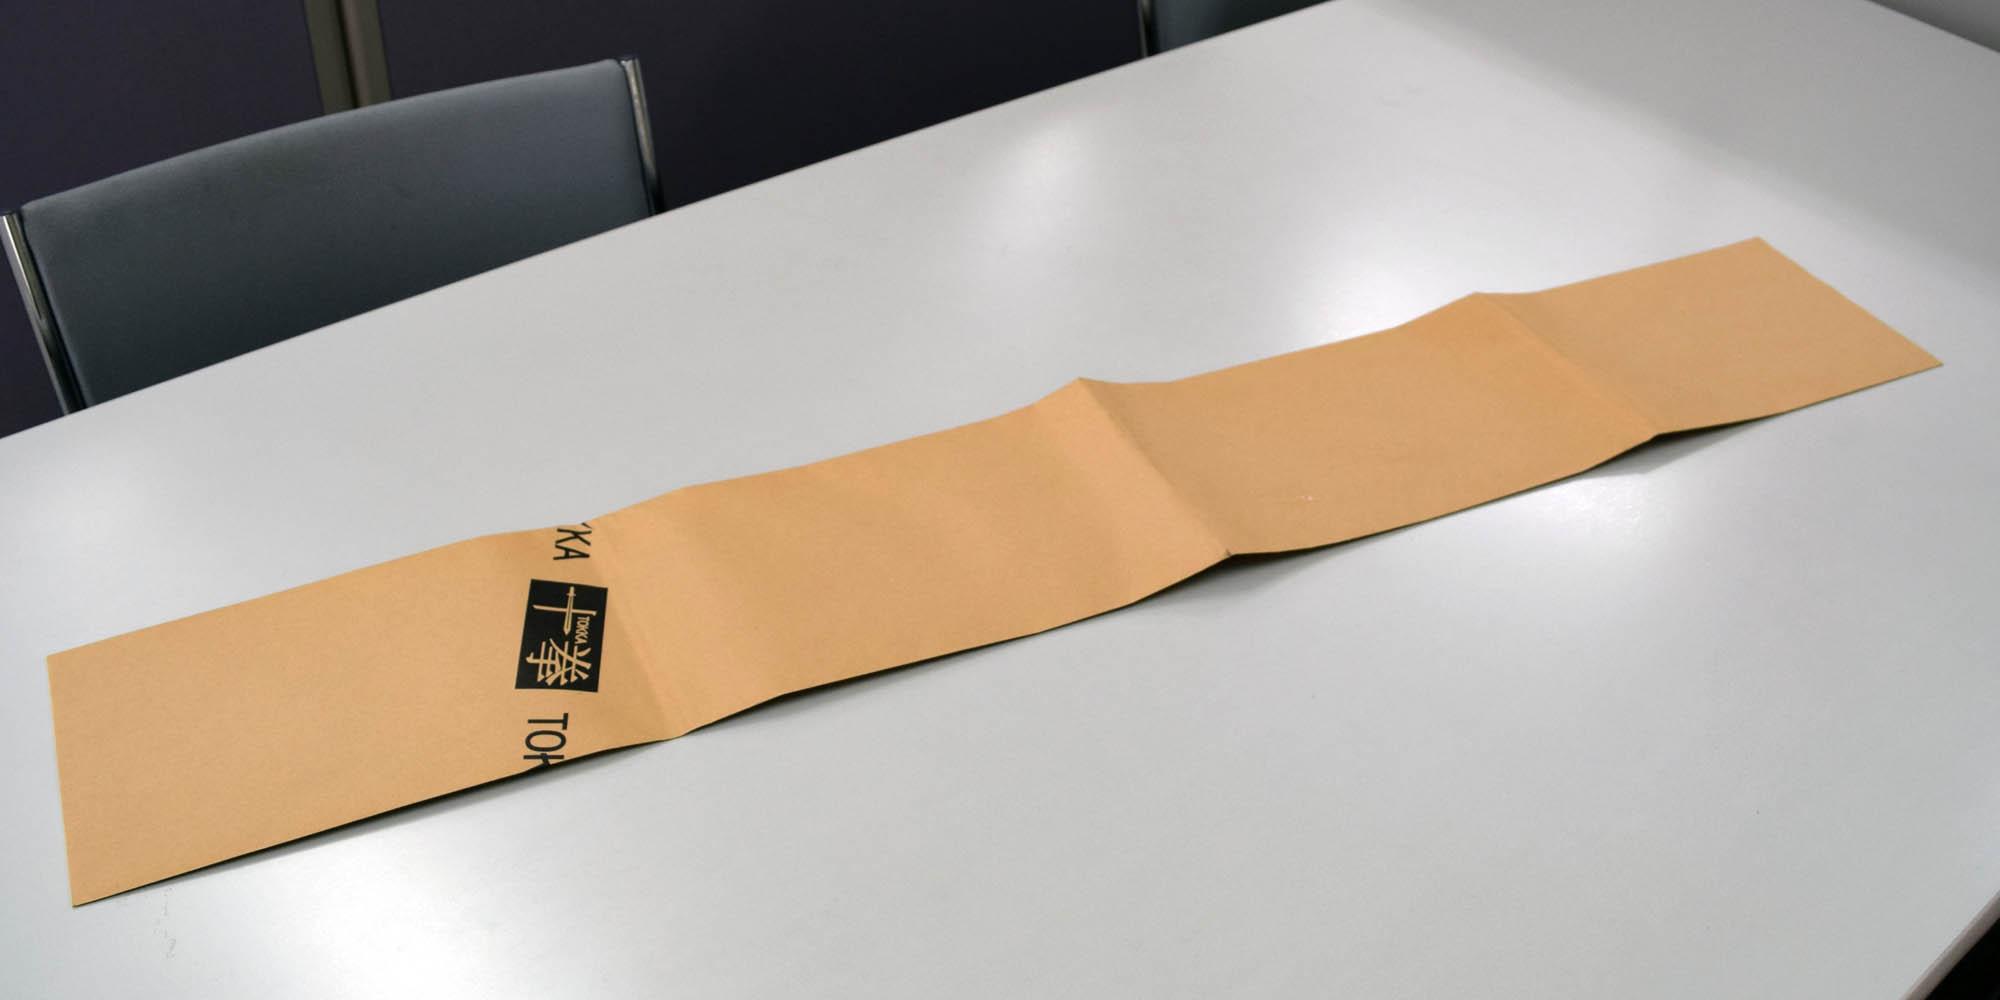 日本刀専門店様用の、お持ち帰り用特大サイズの縦長封筒